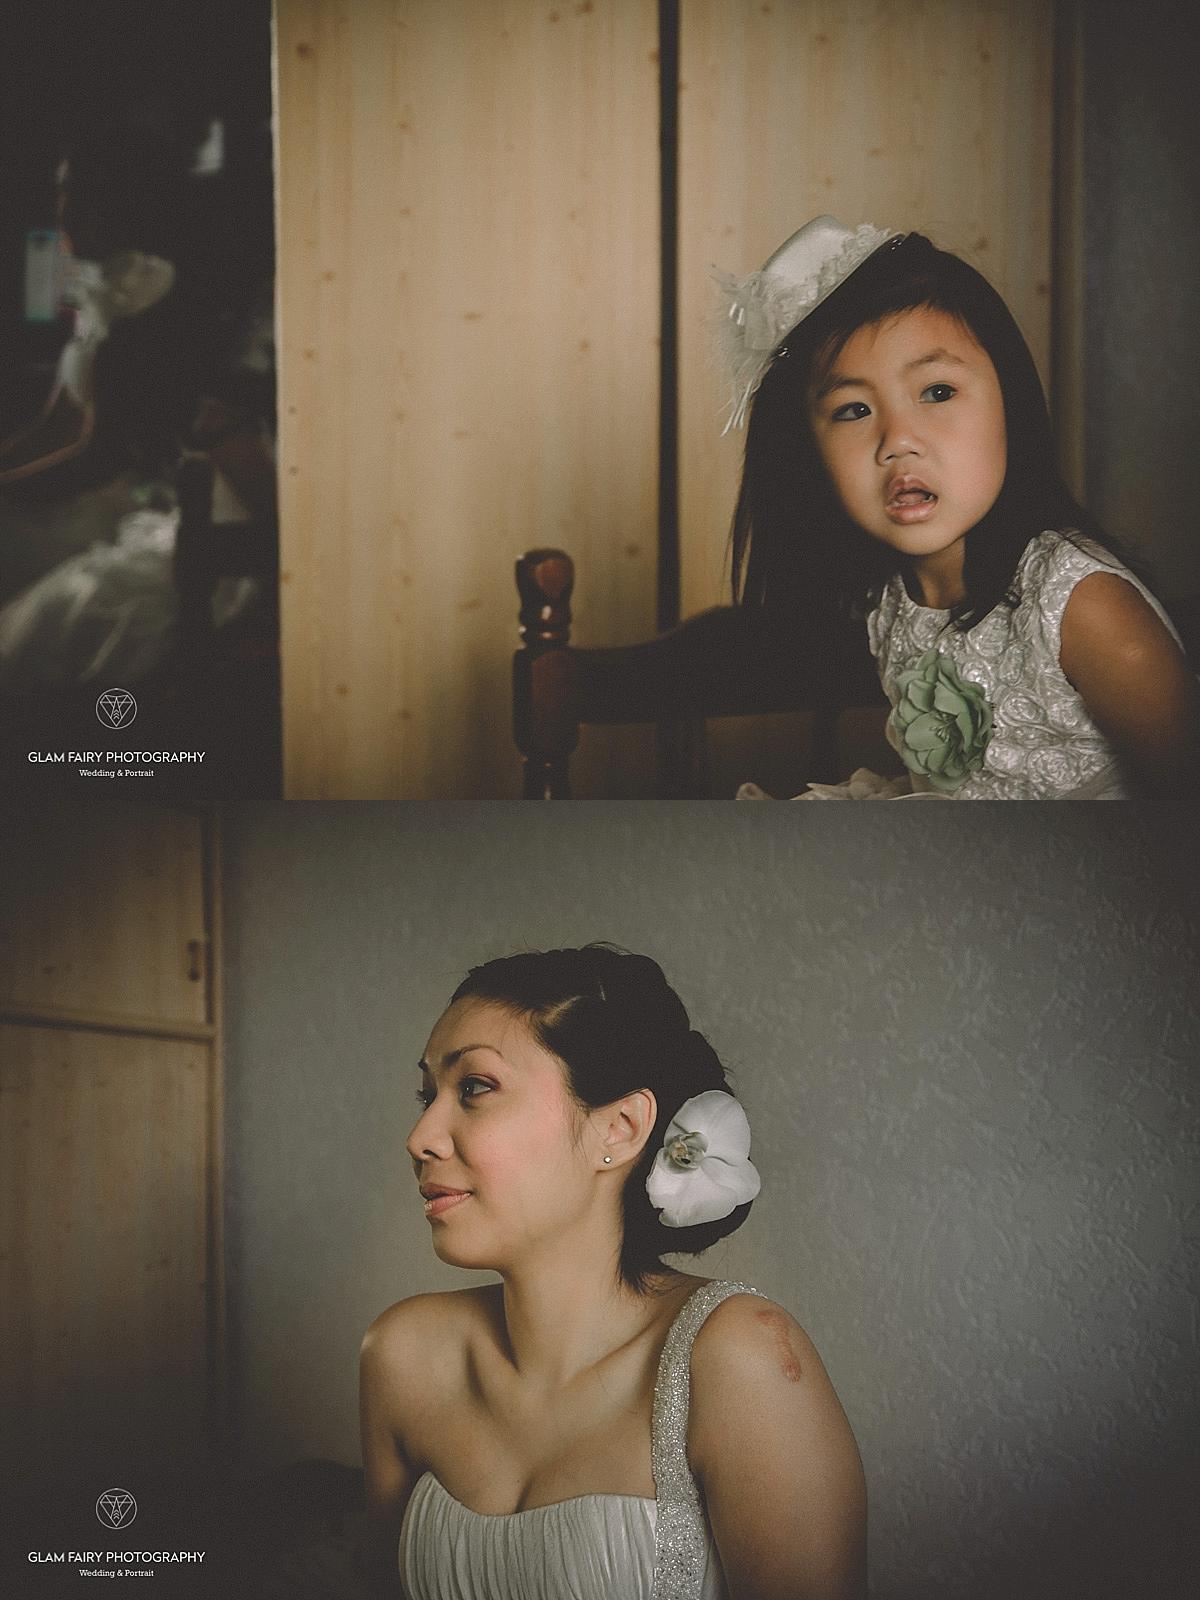 GlamFairyPhotography-mariage-chinois-paris-marisouk_0011